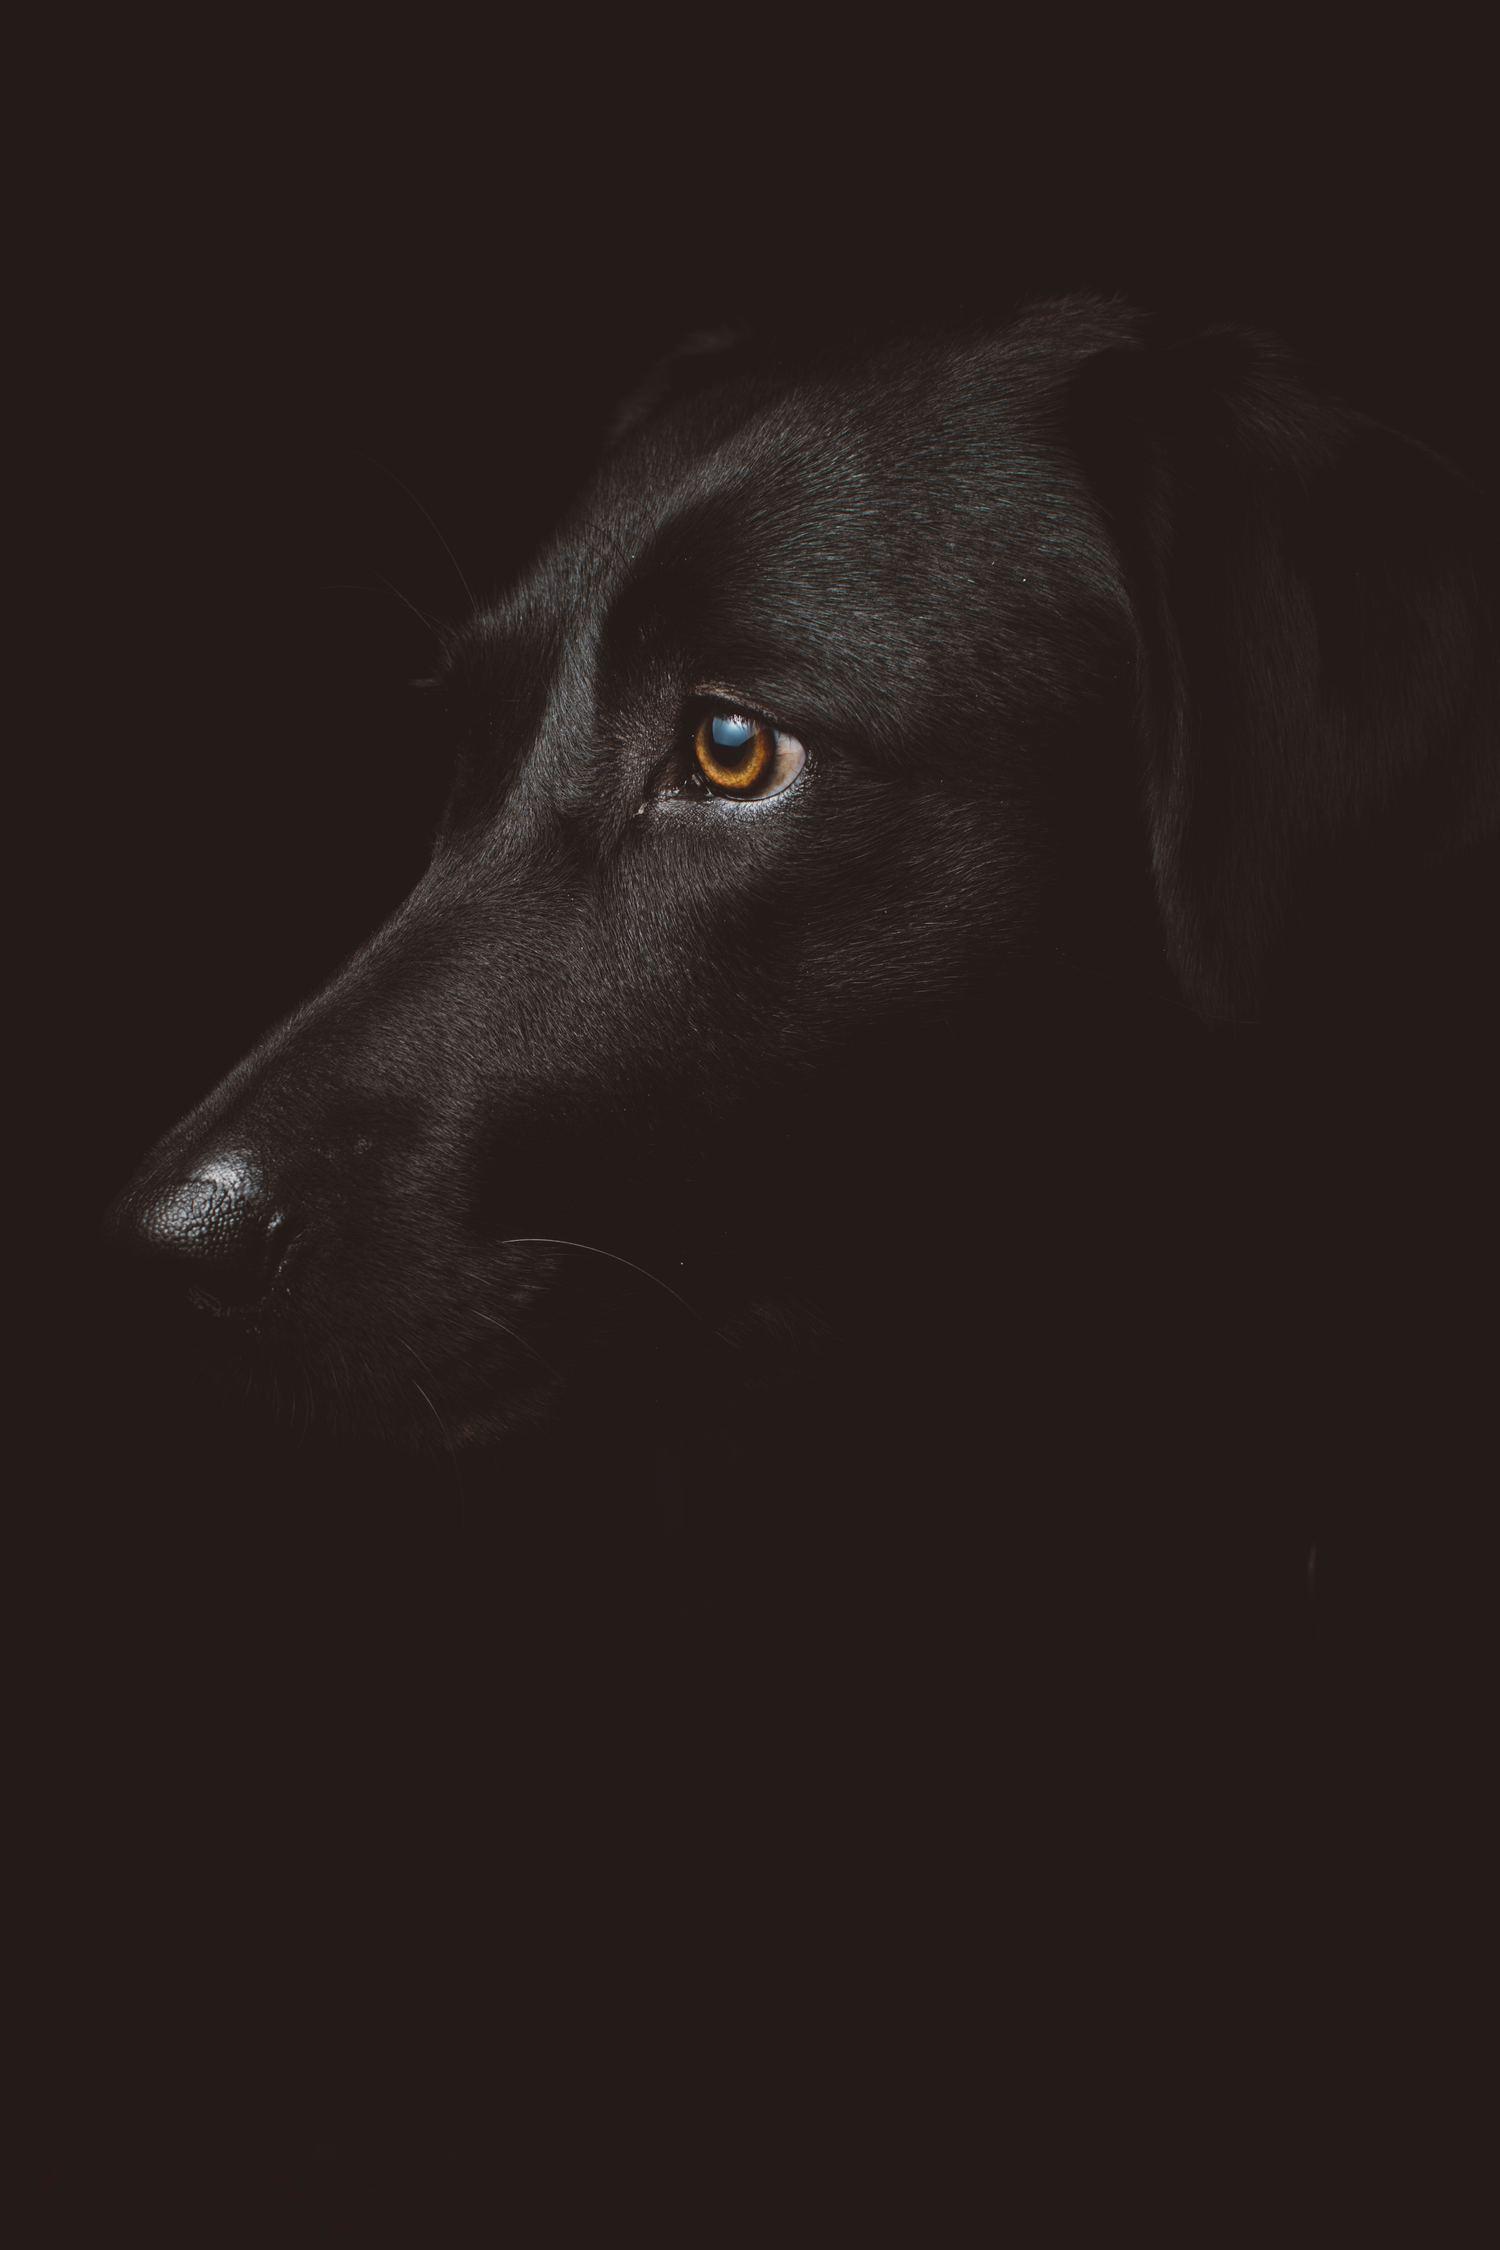 fotografía de un perro negro